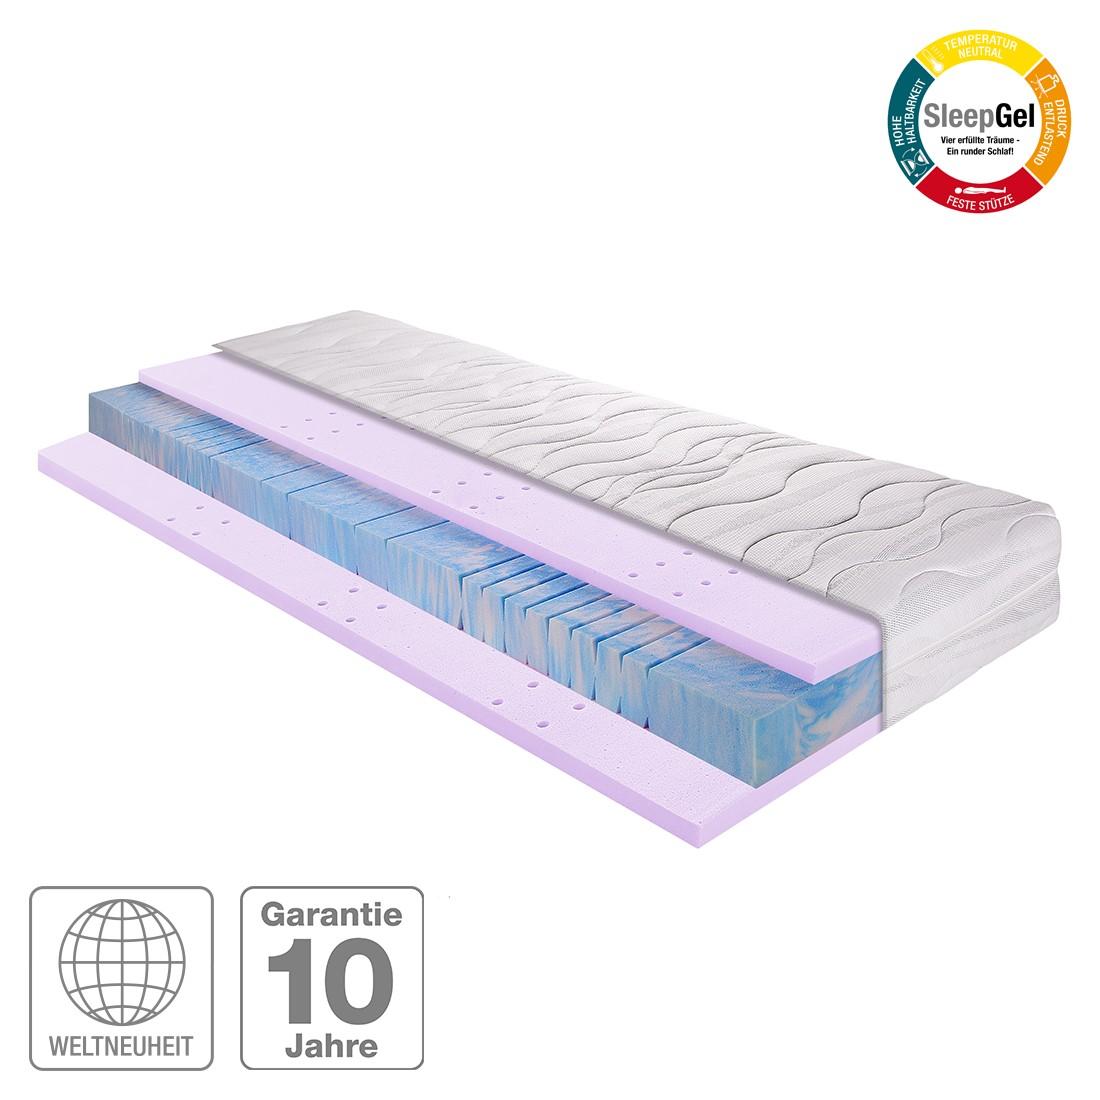 7-Zonen Kaltschaum-Gel-Matratze Sleep Gel 3 – 140 x 200cm – H2 bis 80 kg, Breckle günstig bestellen